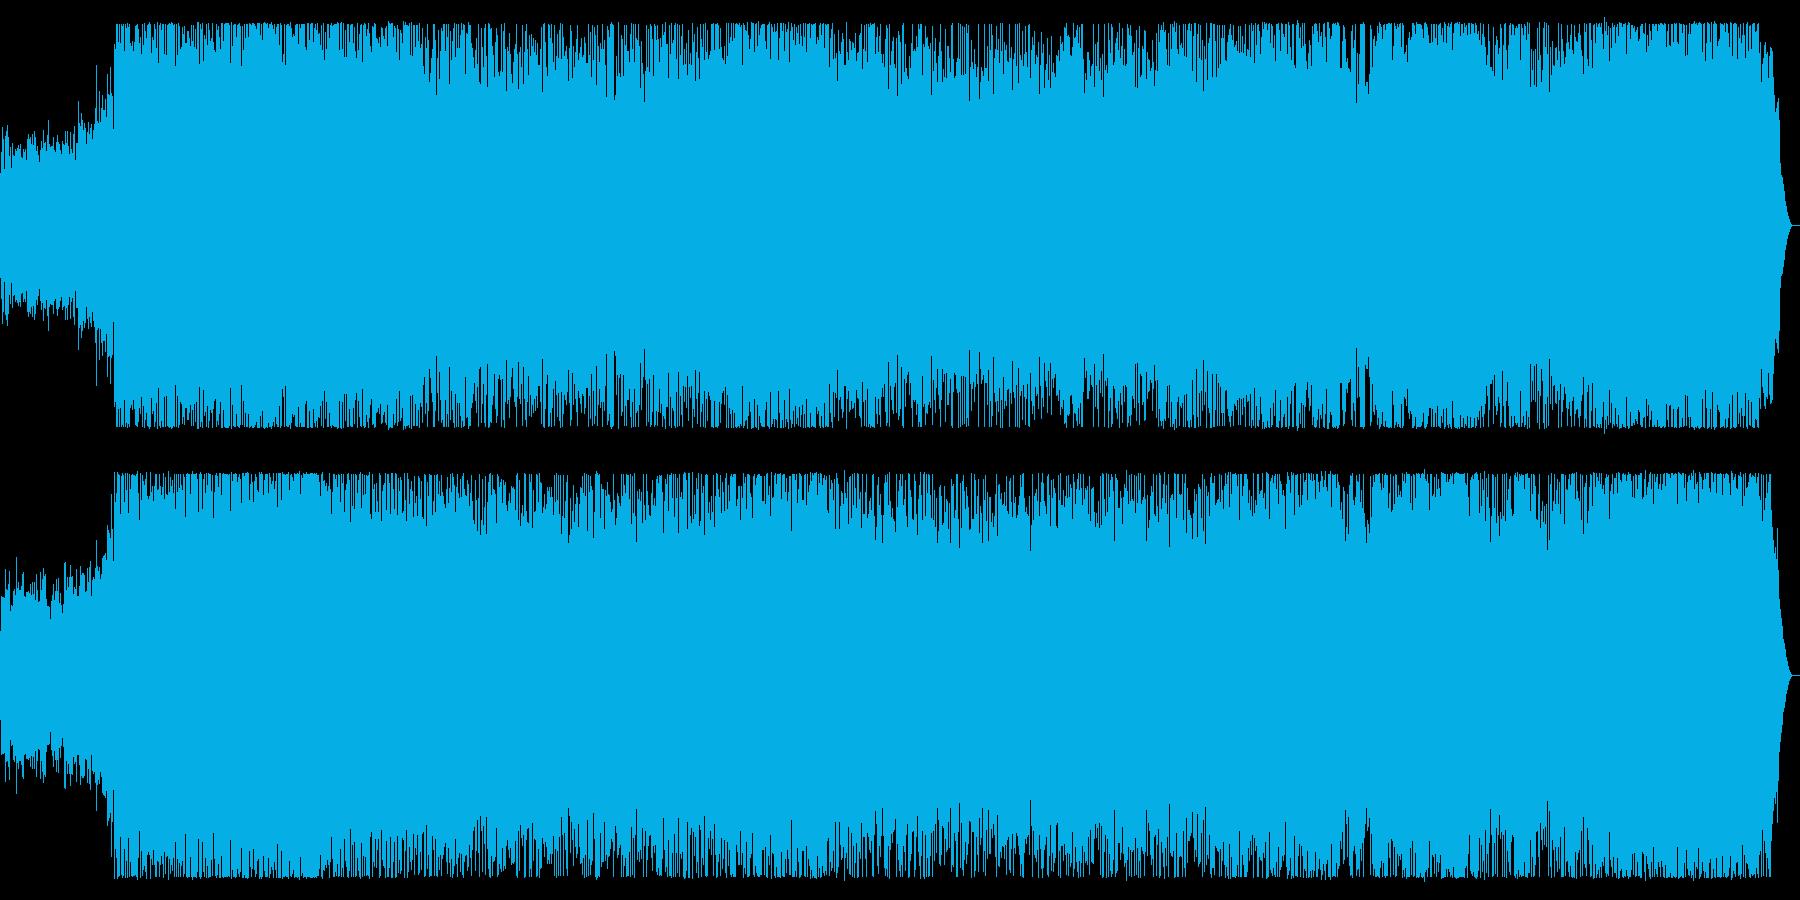 スピードメタル 攻撃的な疾走チューンの再生済みの波形